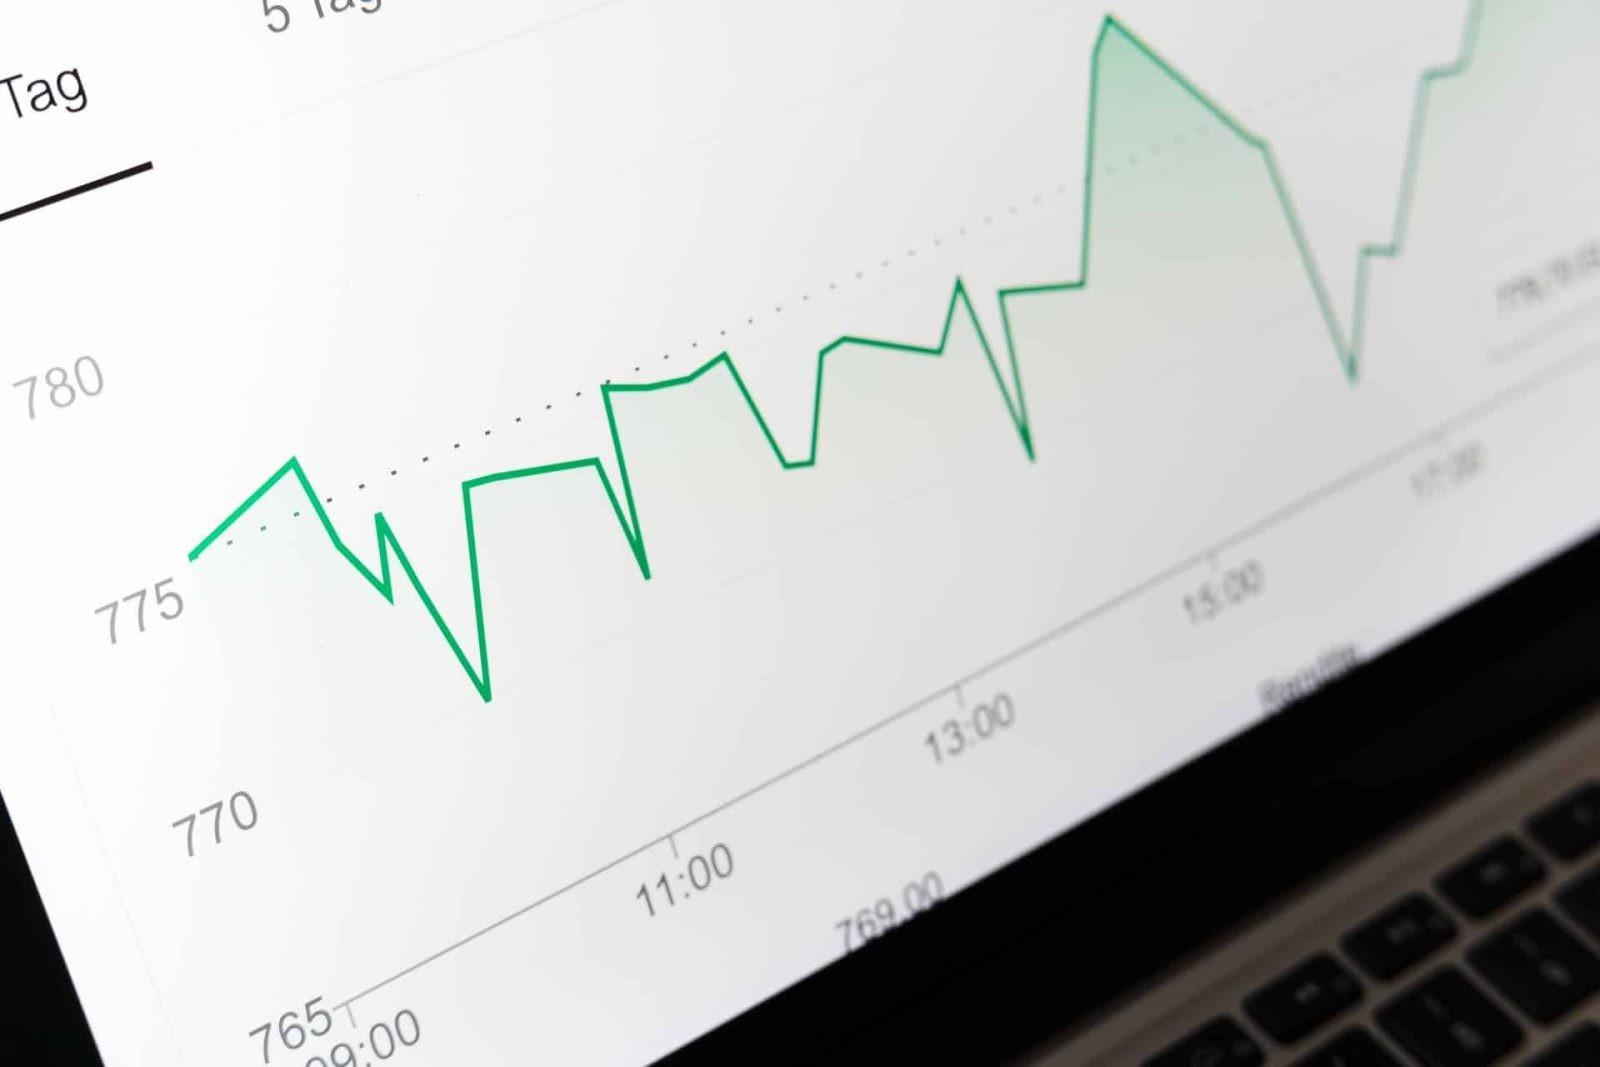 קרן השתלמות קופת גמל וקרן פנסיה מחקות מדדים